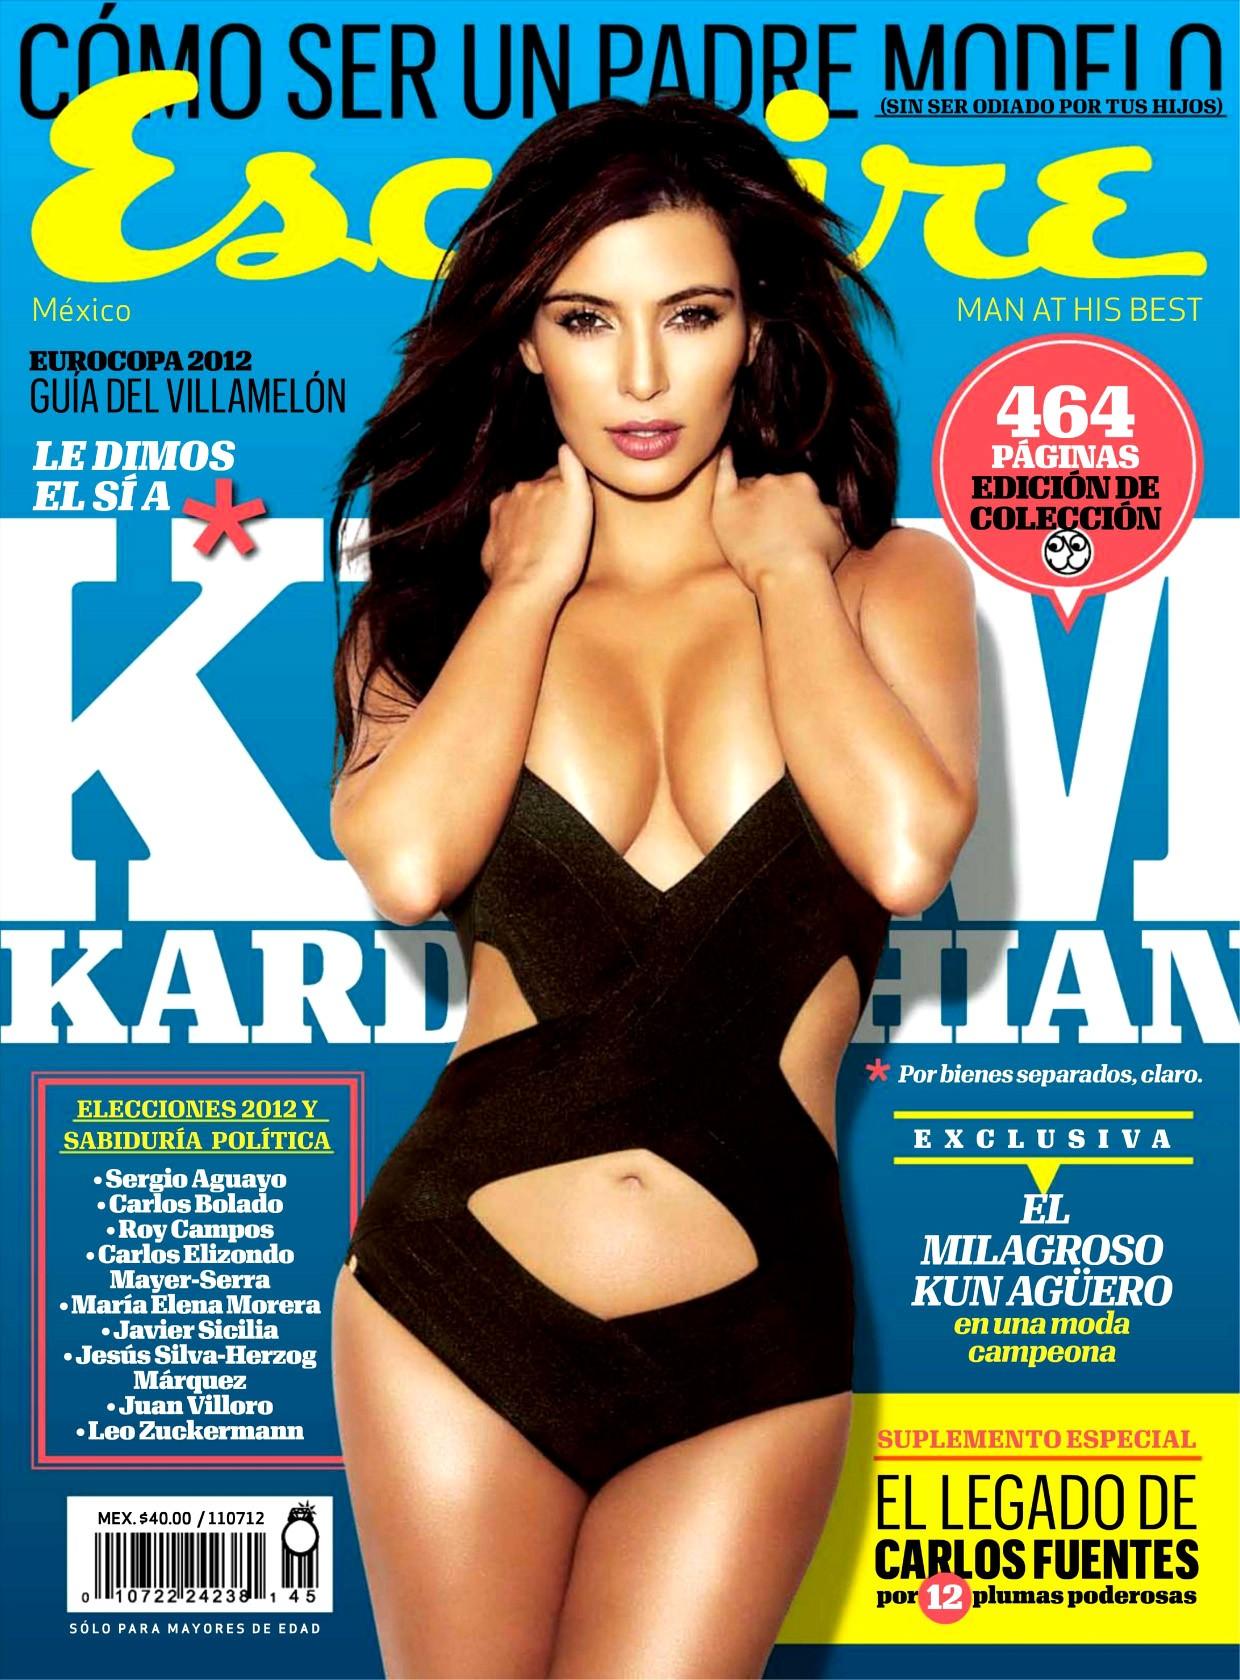 Kim Kardashian Photoshoot for Esquire Mexico Magazine